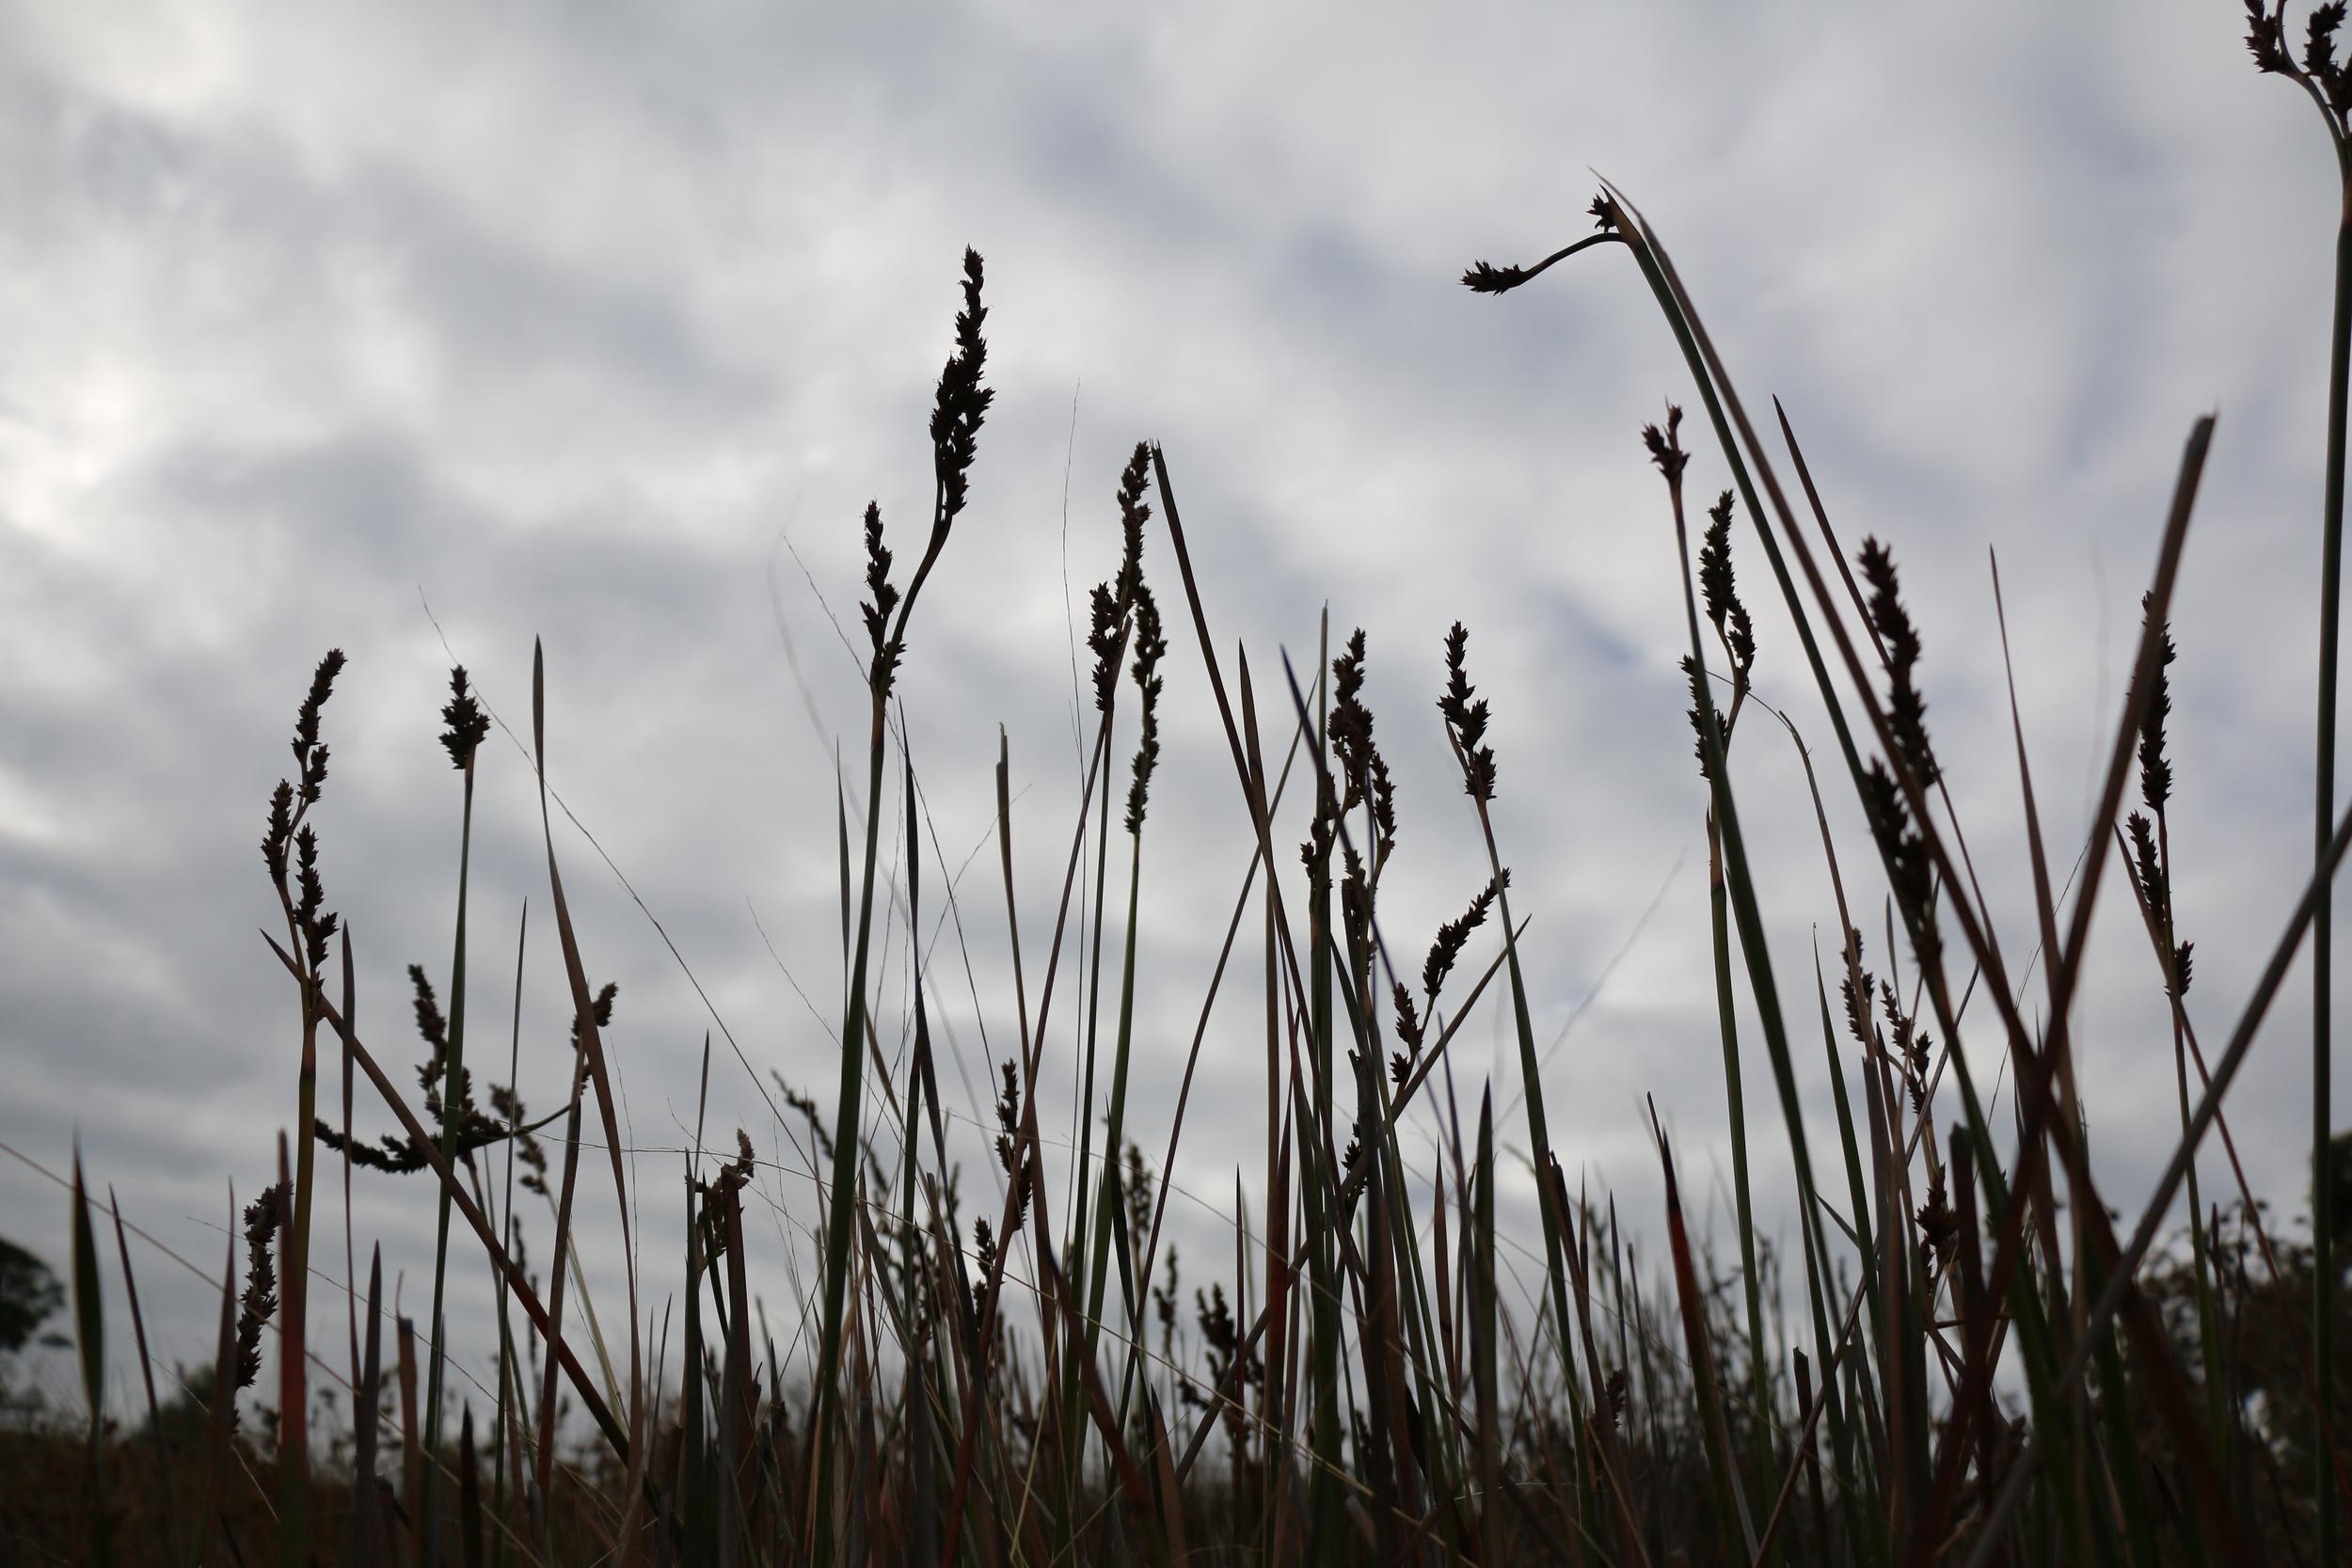 Silhouette Grasses